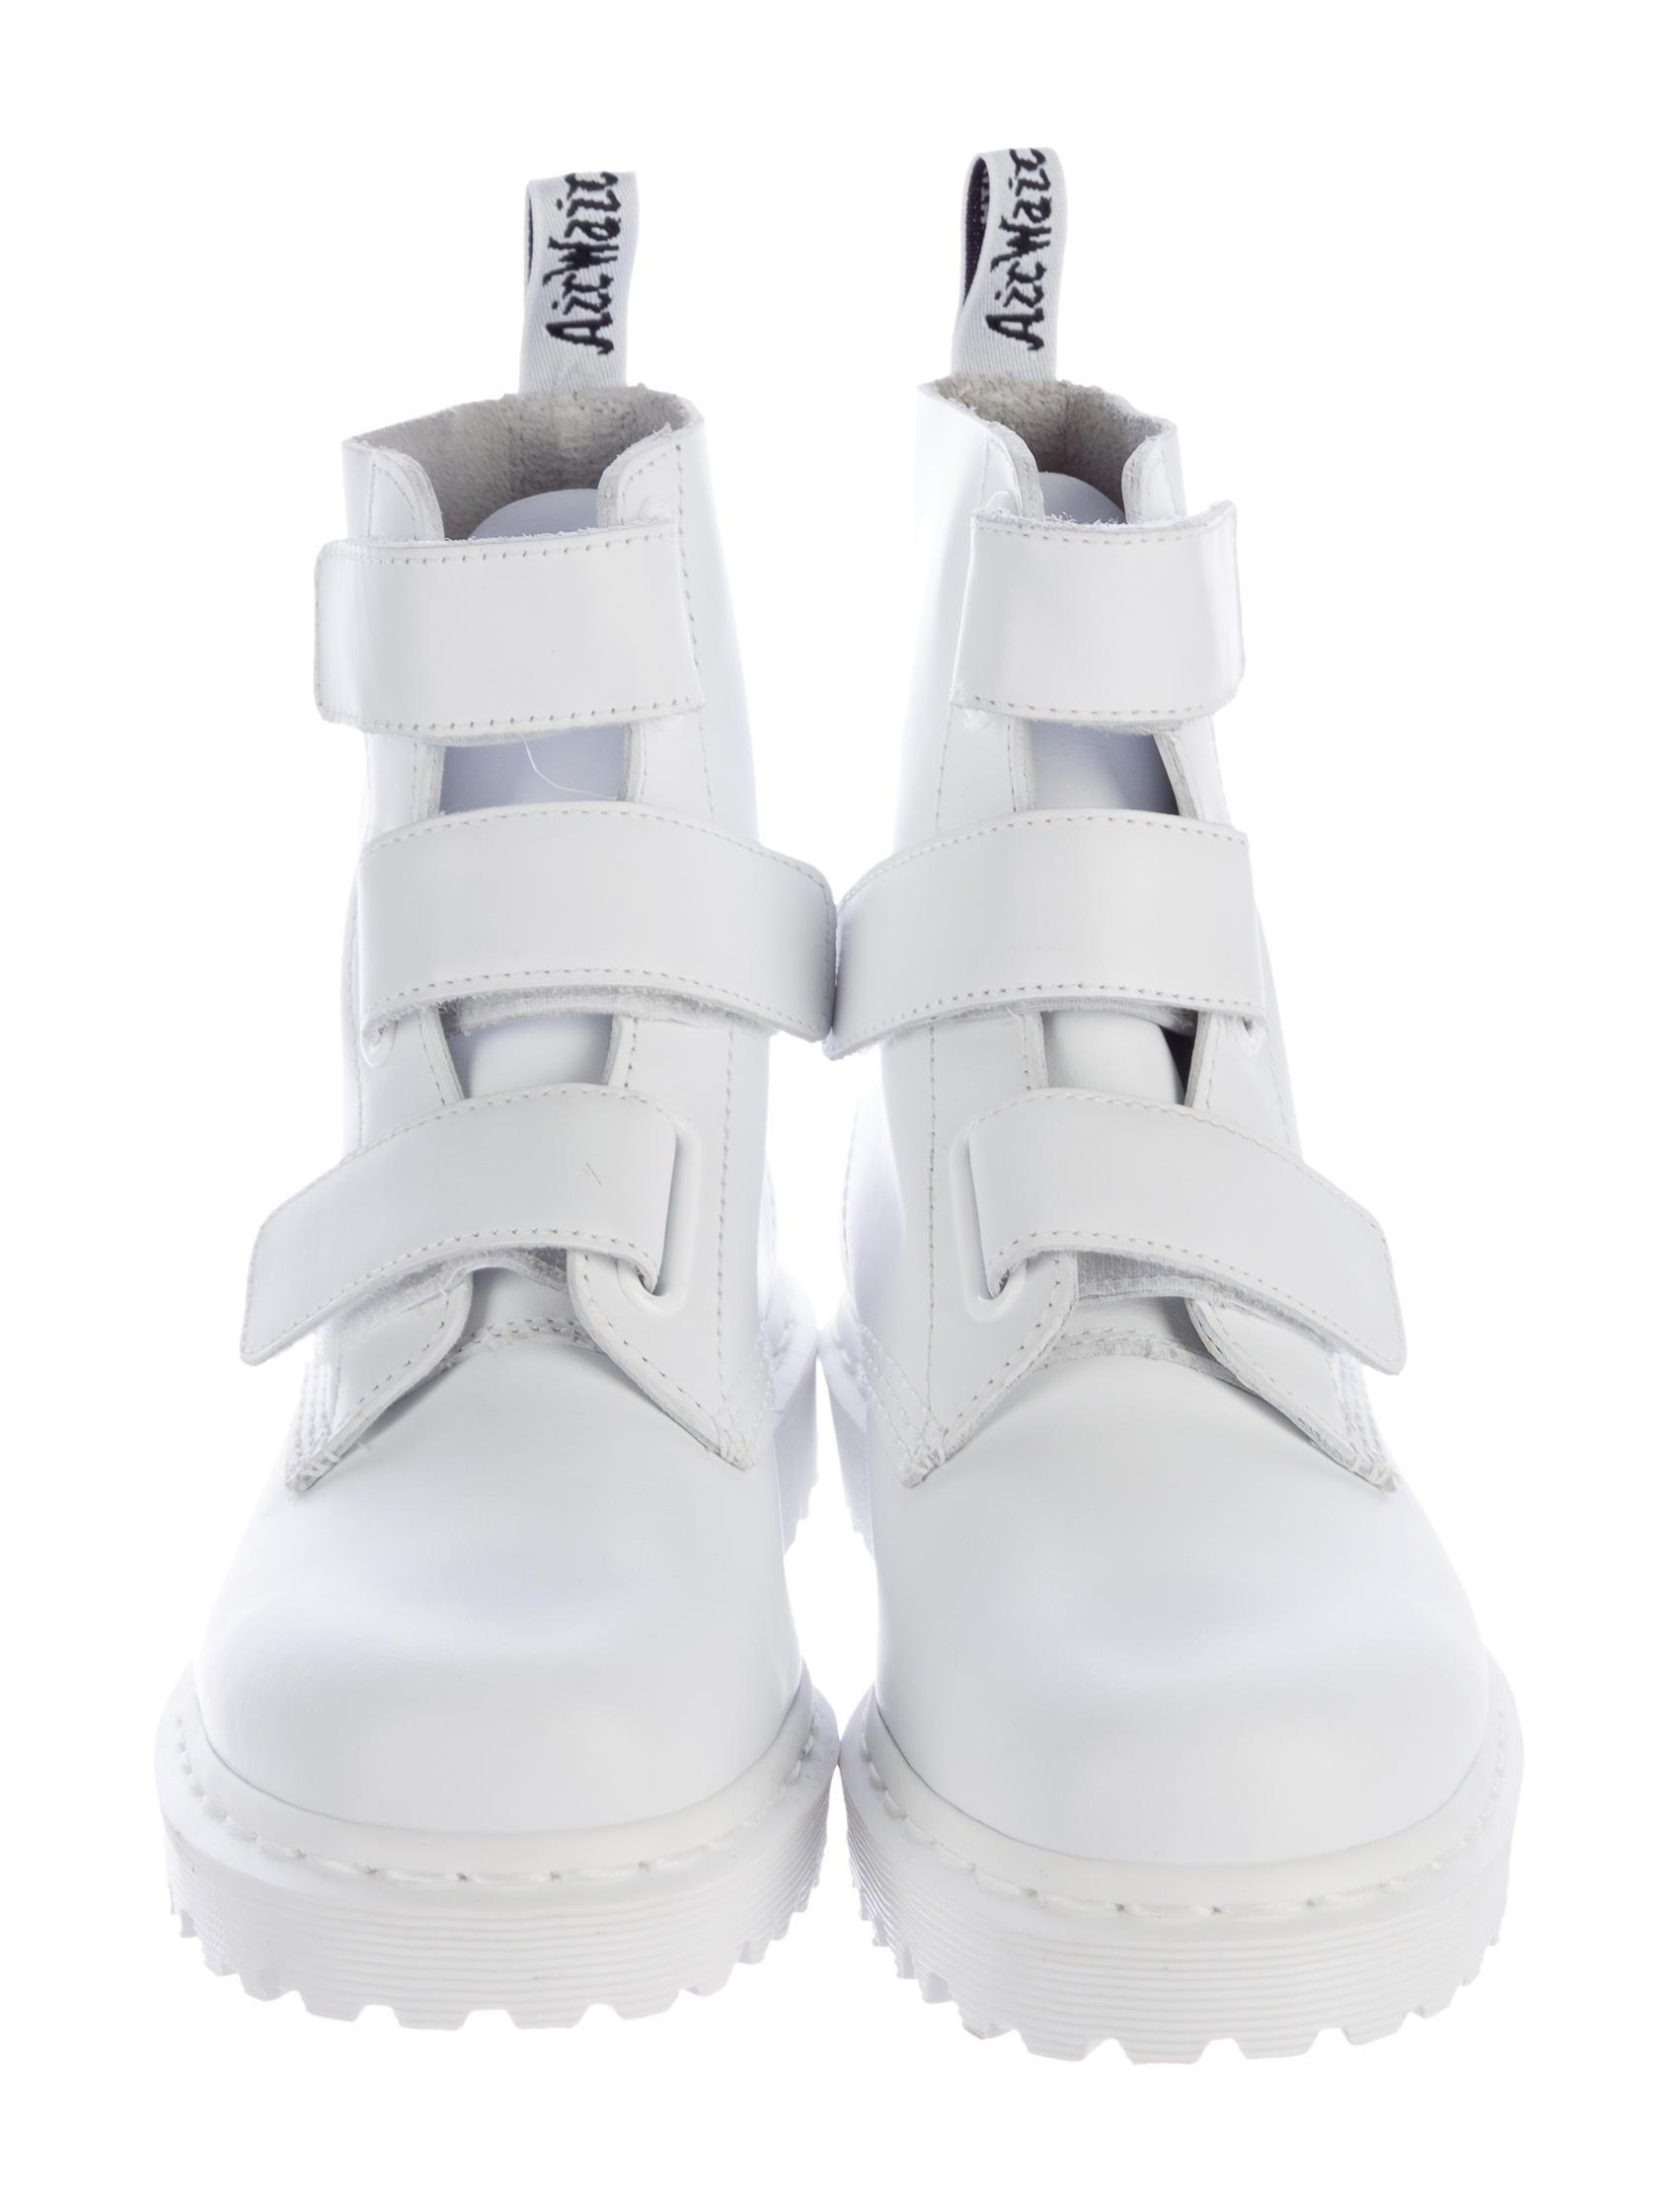 Dr. Martens Coralia (White Venice) Women's Boots ($98